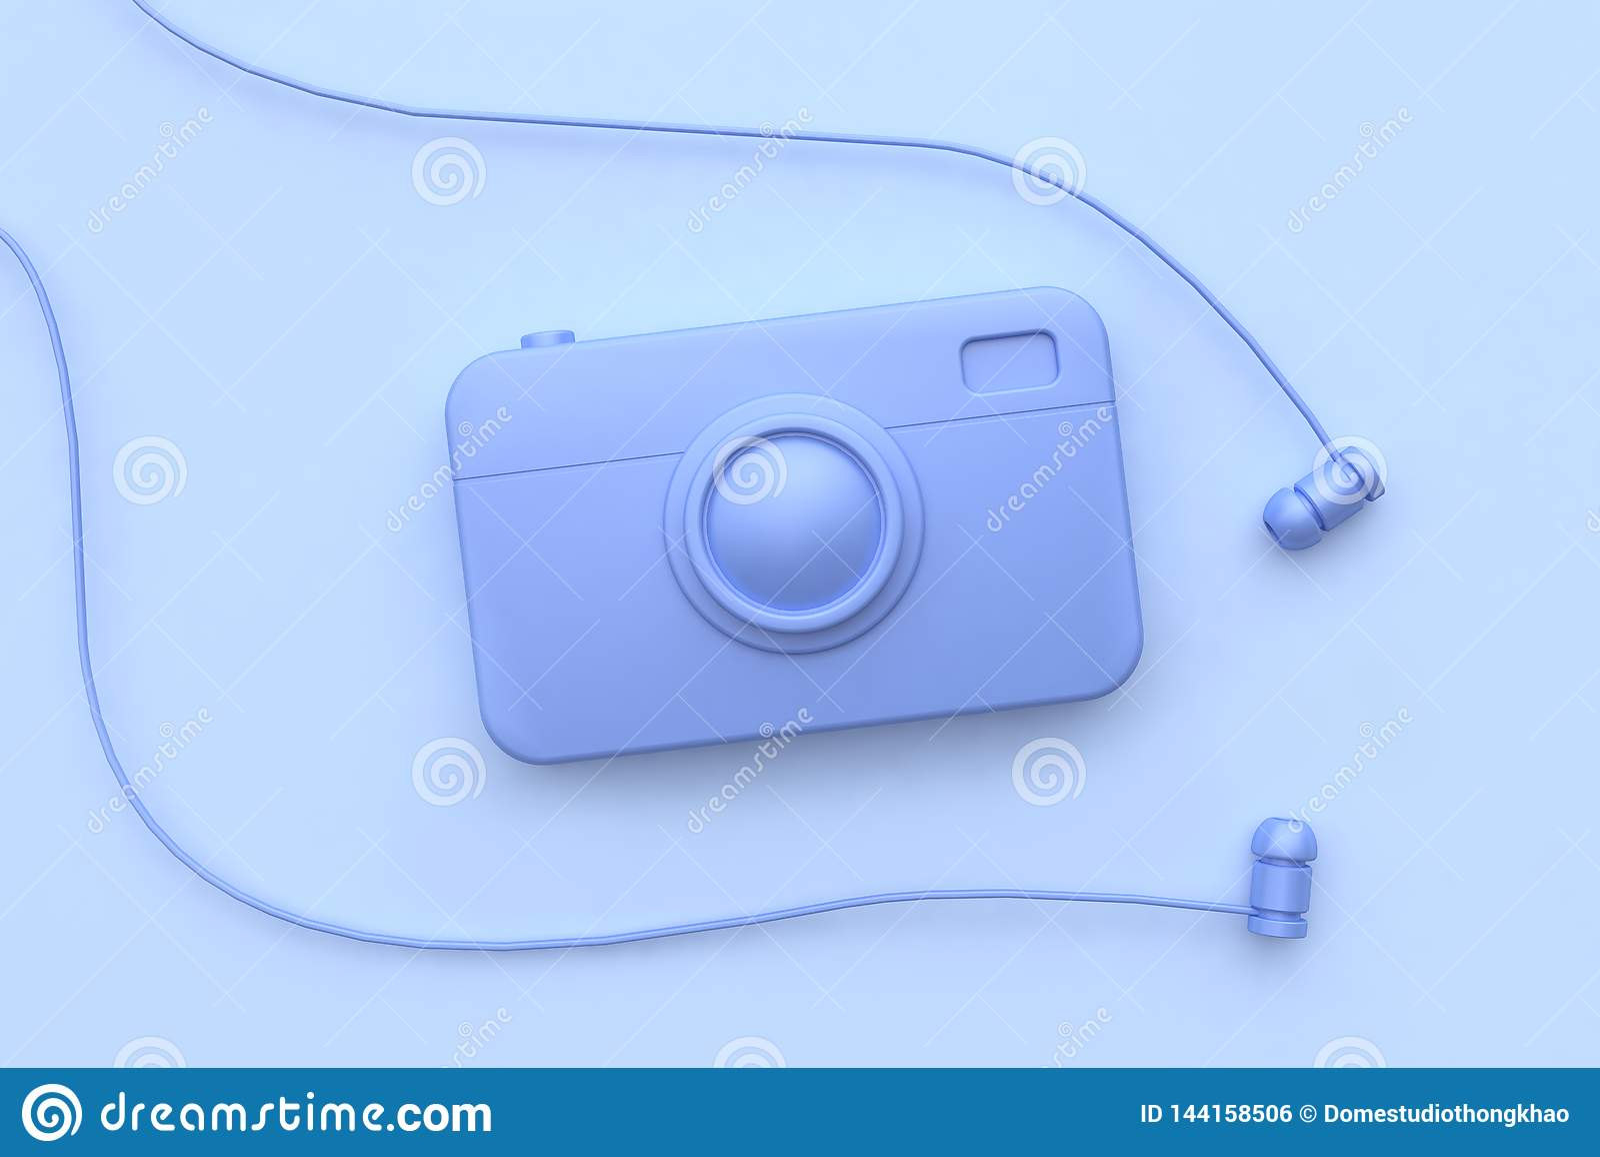 3d camera de oortelefoon maakt het purper-viooltje van het technologieconcept al voorwerp abstracte scène